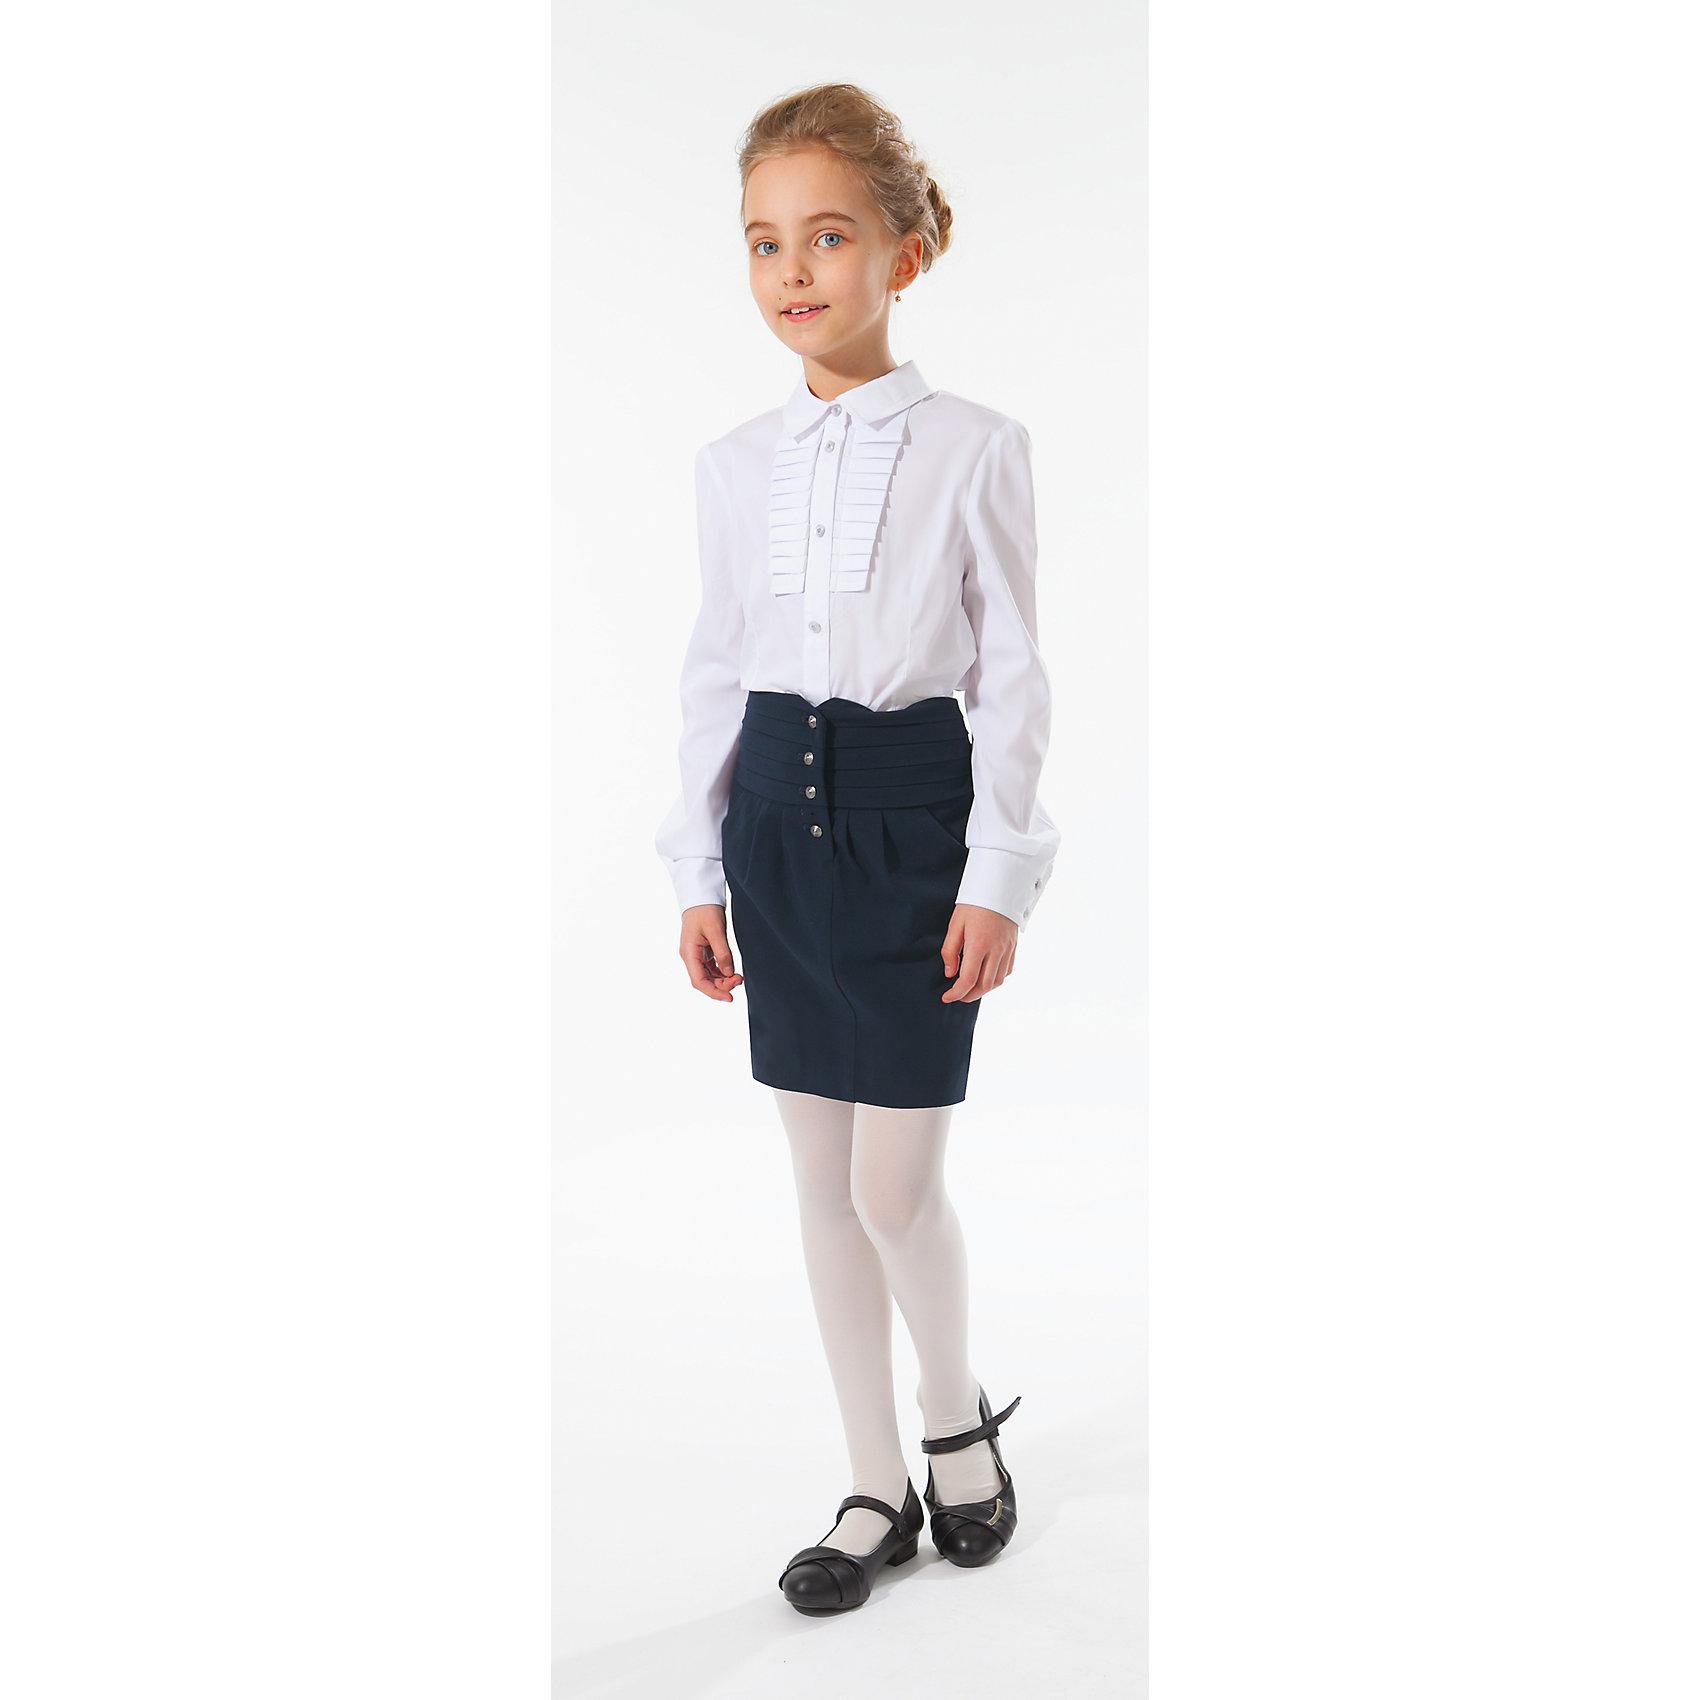 Блузка для девочки Silver SpoonБлузка для девочки Silver Spoon (Сильвер Спун) - отличный вариант для маленьких школьниц. Симпатичная модная блузка позволит создать свой оригинальный образ и чувствовать себя комфортно на протяжении всего дня занятий. Модель из хлопка очень легкая и приятная на ощупь, не сковывает движений, не раздражает кожу и позволяет ей дышать. У блузки приталенный силуэт, длинные рукава с манжетами на пуговицах, отложной воротничок, спереди застегивается на пуговицы. Модель декорирована на груди нарядной вставкой с рюшами. Классический покрой позволяет использовать блузку в различных сочетаниях - с юбкой, брюками, костюмом и другими вещами школьного гардероба. Все модели Сильвер Спун предназначены для повседневного интенсивного использования и выполнены из прочных тканей, которые позволяют вещам выглядеть великолепно на протяжении длительного срока эксплуатации. Стирка при температуре 30°С, гладить при температуре до 150°С.<br><br>Дополнительная информация:<br><br>- Цвет: белый.<br>- Материал: 71% хлопок, 25% полиамид, 4% спандекс.<br> <br>Блузку для девочки, Silver Spoon (Сильвер Спун), можно купить в нашем интернет-магазине.<br><br>Ширина мм: 186<br>Глубина мм: 87<br>Высота мм: 198<br>Вес г: 197<br>Цвет: белый<br>Возраст от месяцев: 144<br>Возраст до месяцев: 156<br>Пол: Женский<br>Возраст: Детский<br>Размер: 158,134,140,146,152,128<br>SKU: 4145913